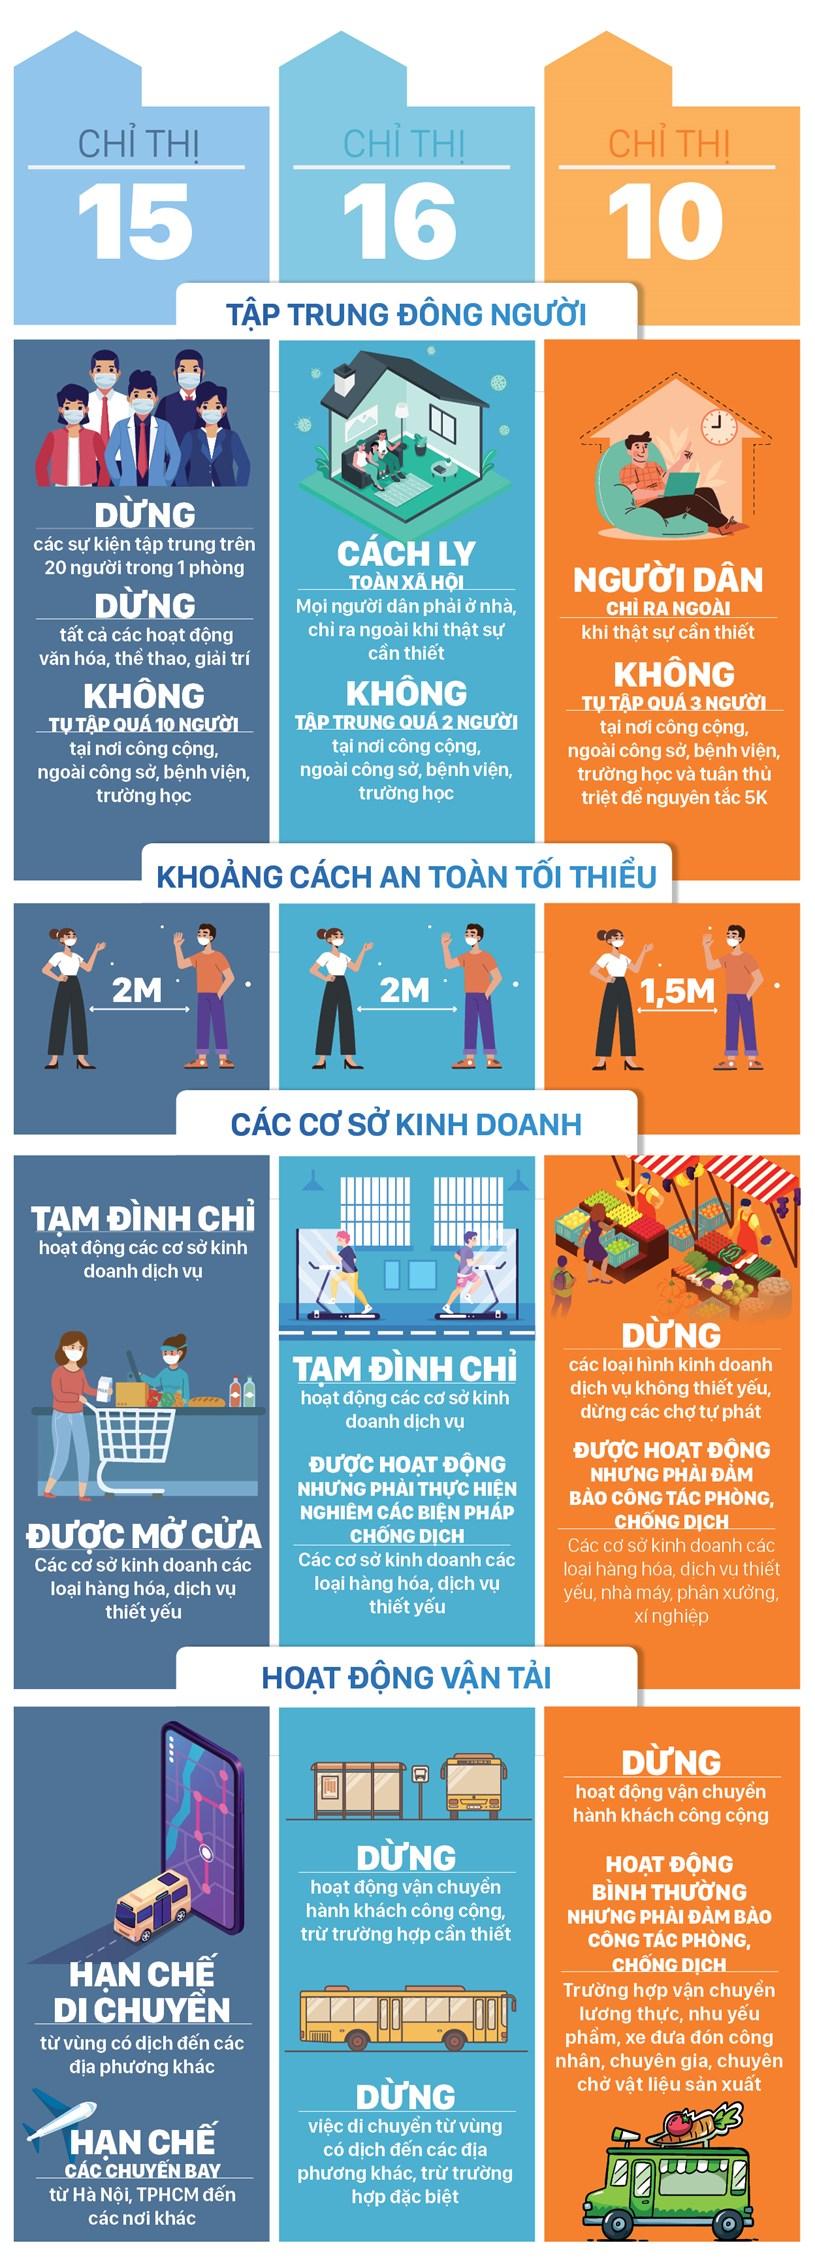 Những điểm khác biệt giữa Chỉ thị 15, 16 của Thủ tướng Chính phủ và Chỉ thị 10 của UBND TPHCM - Ảnh 3